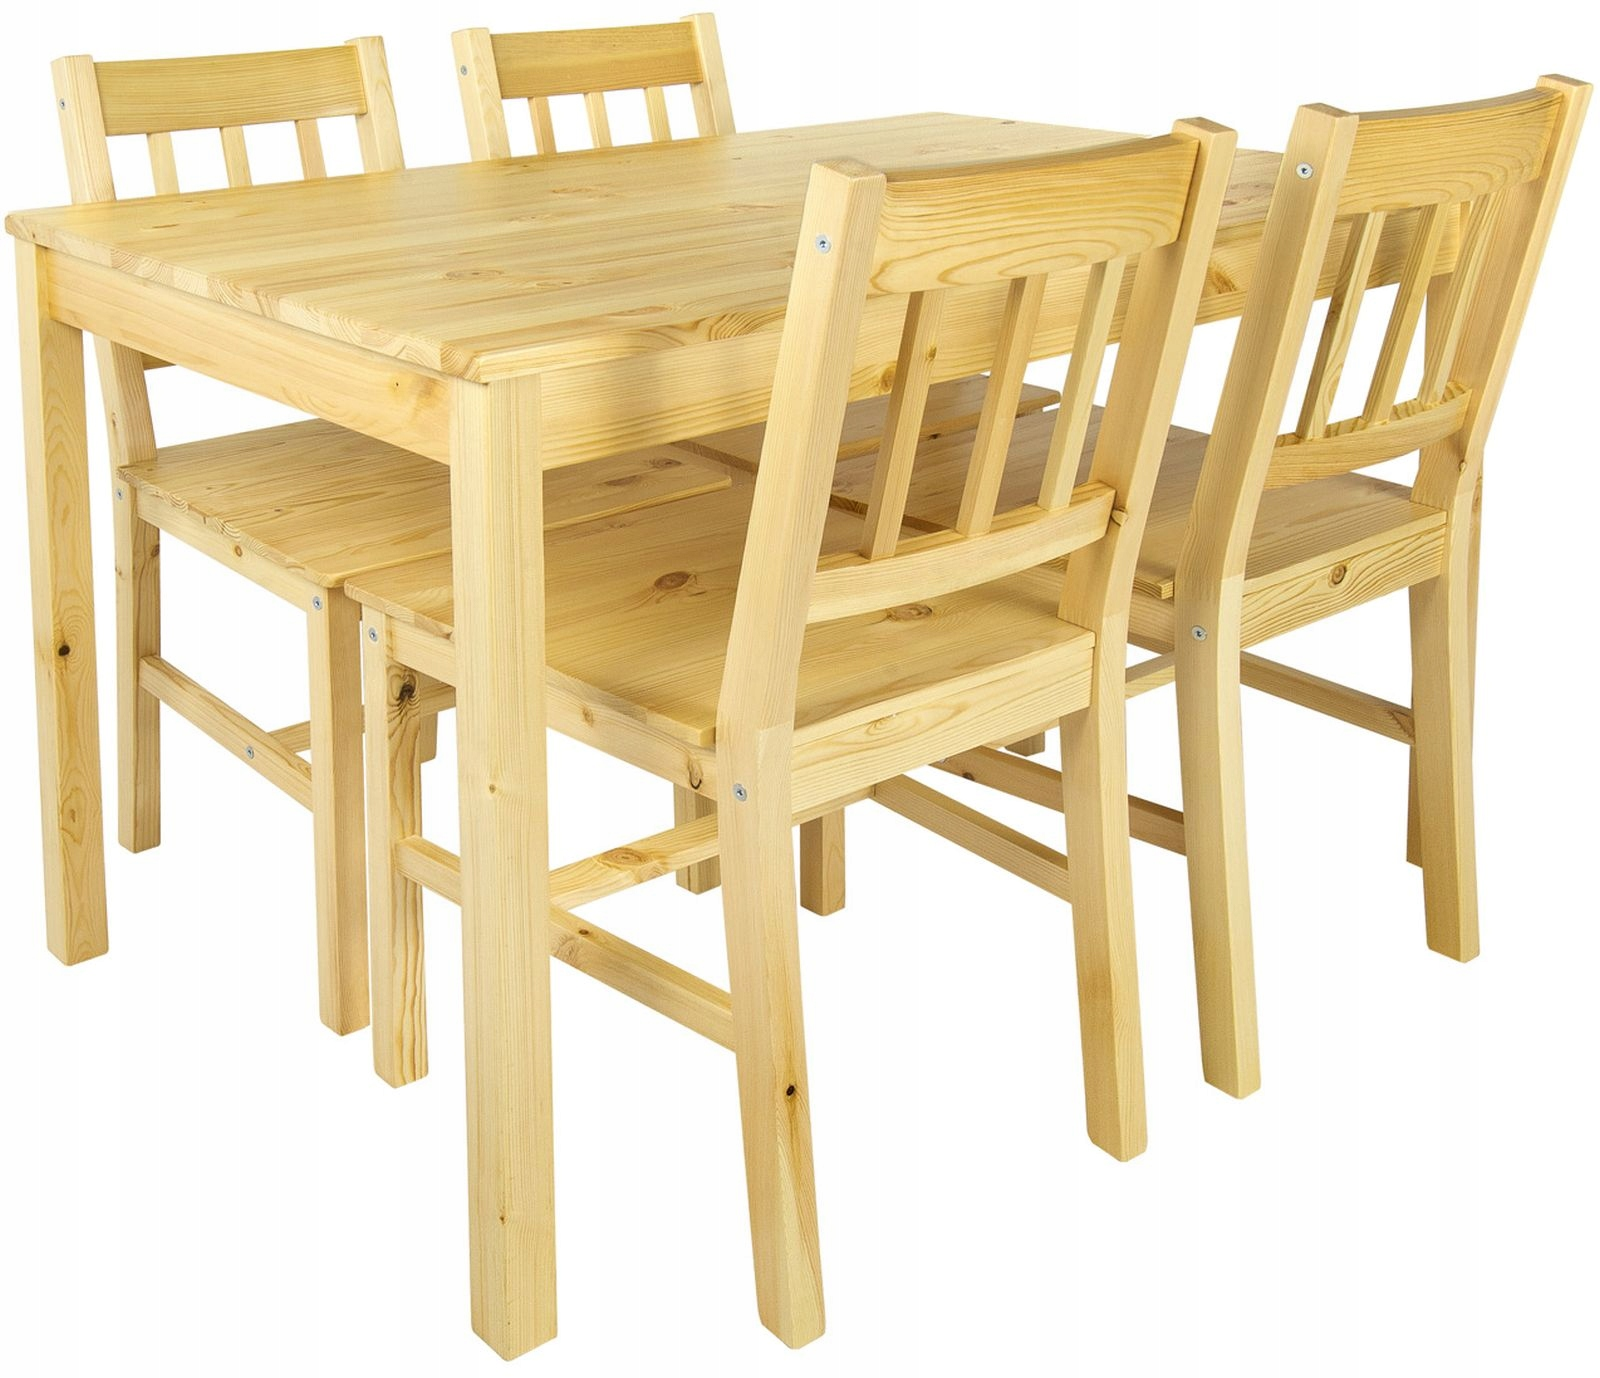 Stół z krzesłami do jadalni, salonu, kuchni 246029